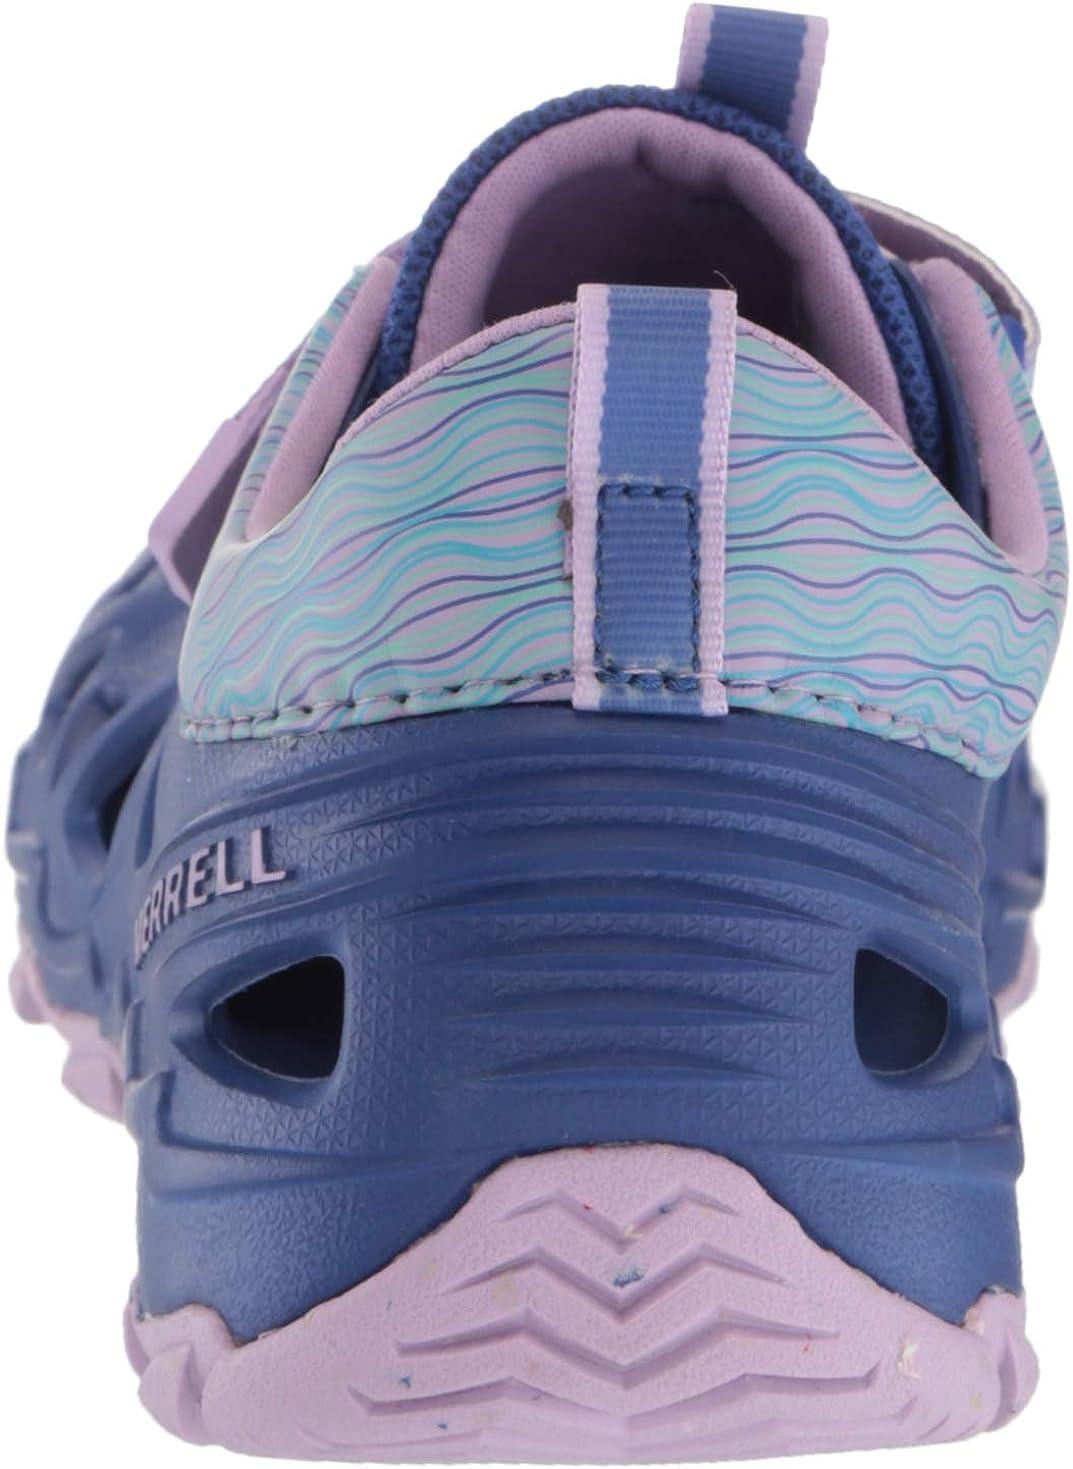 Merrell Kids Hydro 2.0 Sandal